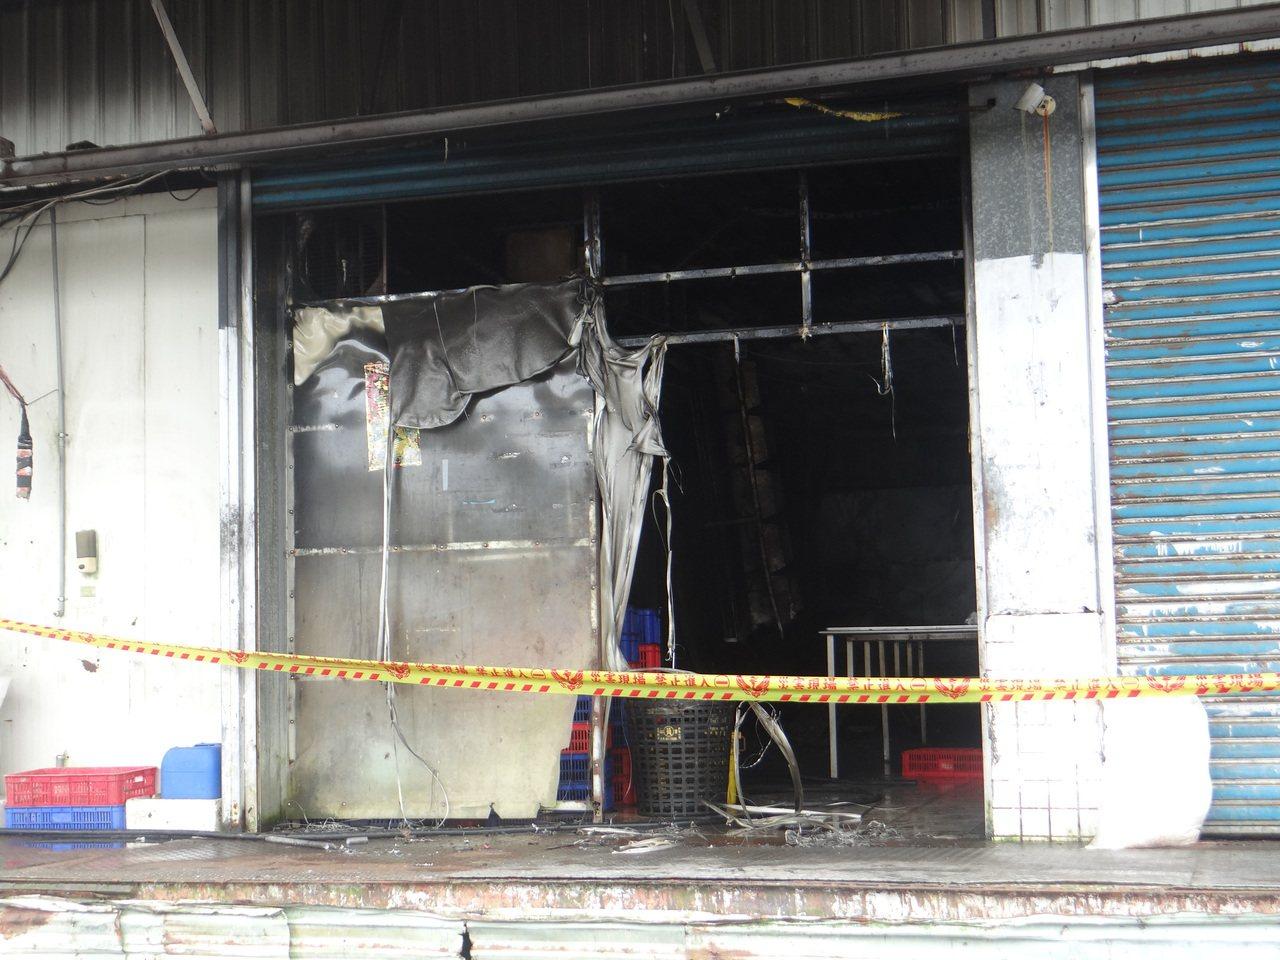 雲林肉品市場的分切廠起火,廠房設備被燒得焦黑。記者蔡維斌/攝影